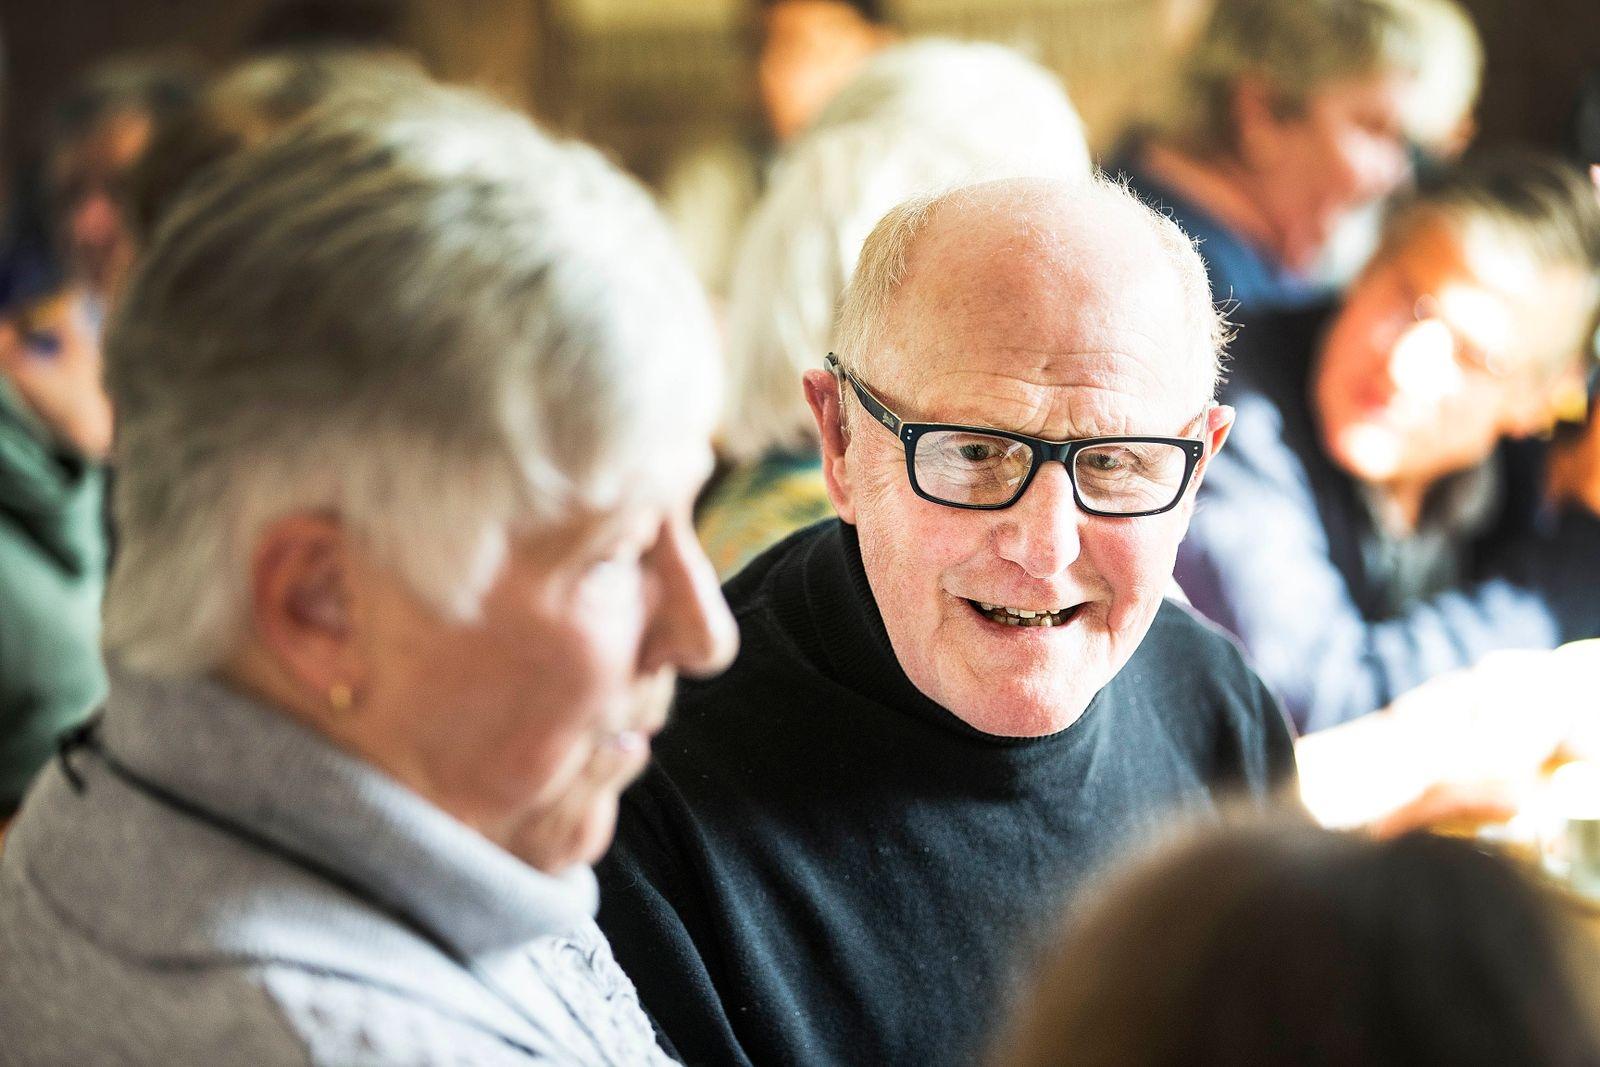 Som pensionerad snickare kände Markku Pulli att det hade varit intressant att med egna ögon få se takstrukturen. Men var också nöjd med att få höra programmet som sändes på P1 i tisdags.